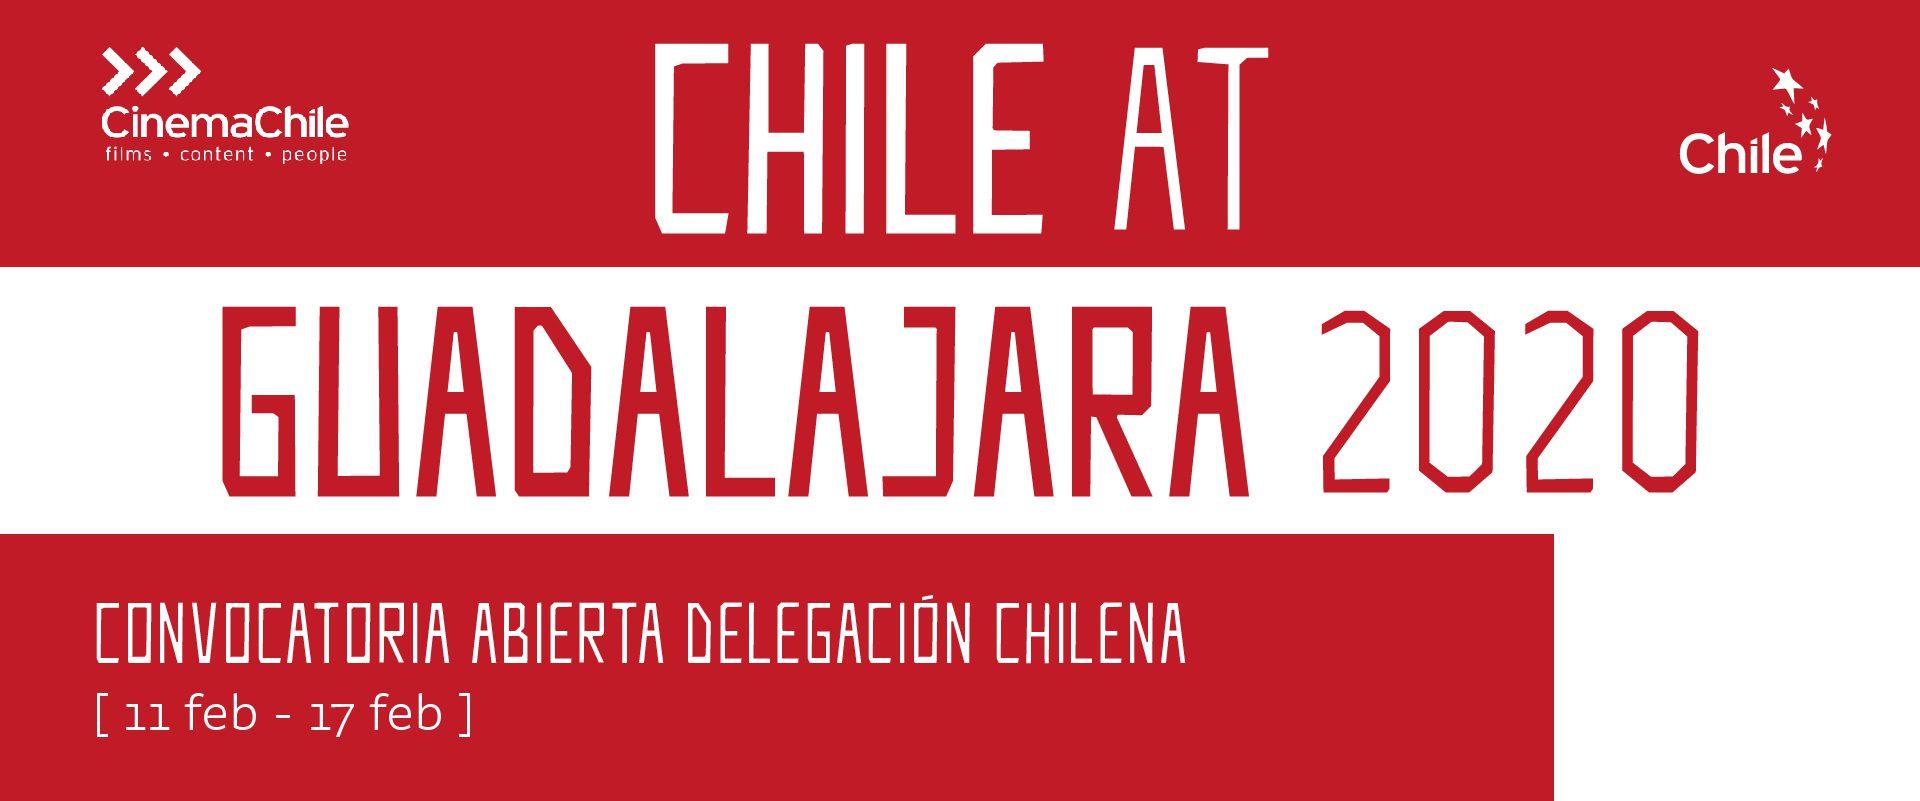 ¿Vas a asistir al Festival de Guadalajara? Avísanos y súmate a la delegación chilena